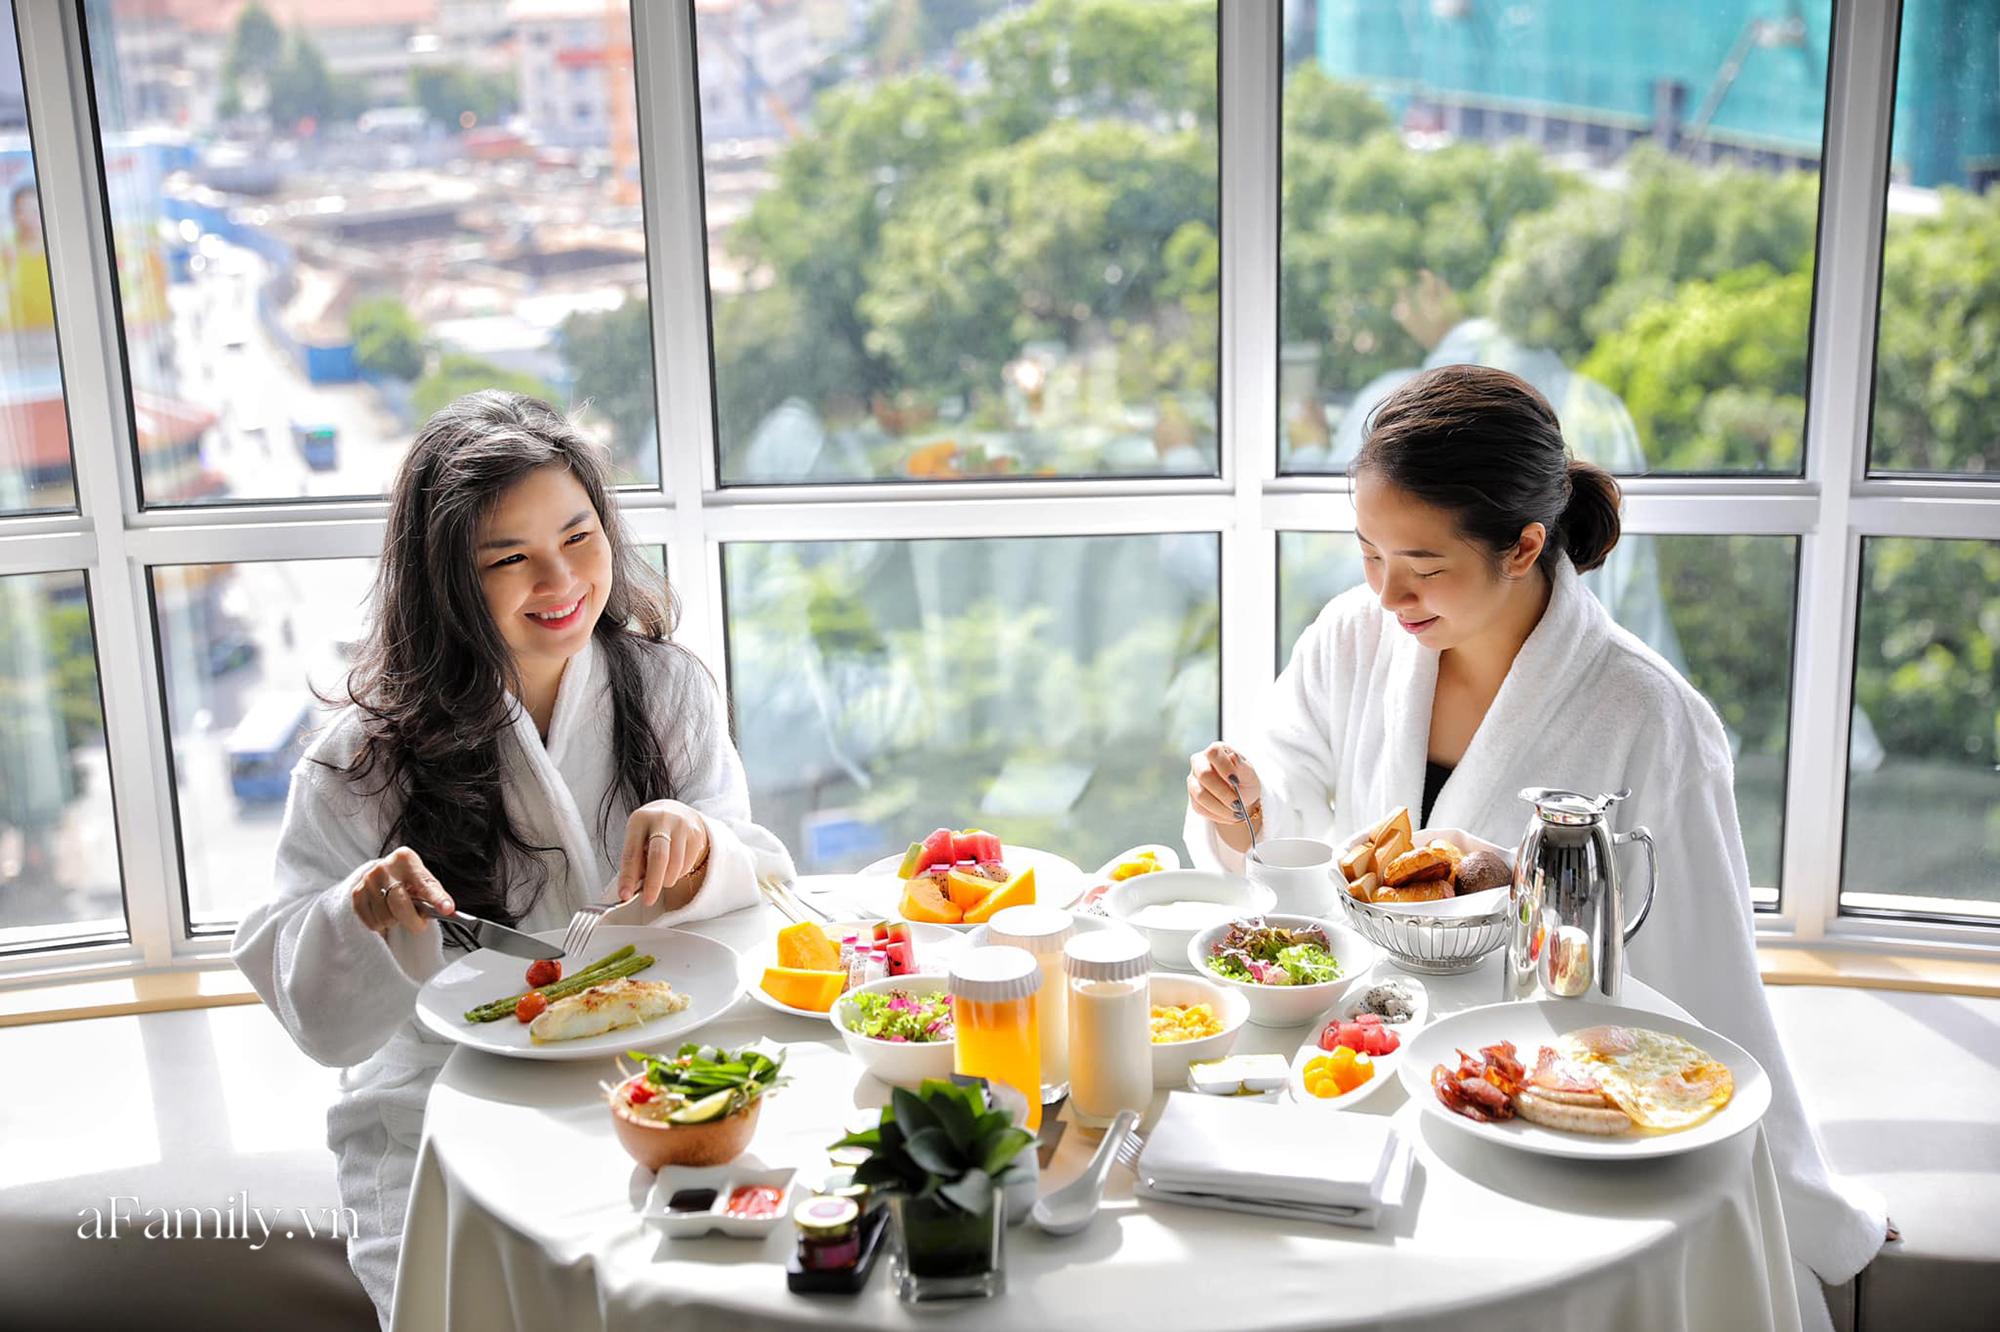 Nhiều người Sài Gòn chọn trải nghiệm kỳ nghỉ 2/9 tại các khách sạn 5 sao vì giá quá hời chỉ bằng một nửa so với ngày thường và đây là 3 nơi siêu lý tưởng  - Ảnh 15.